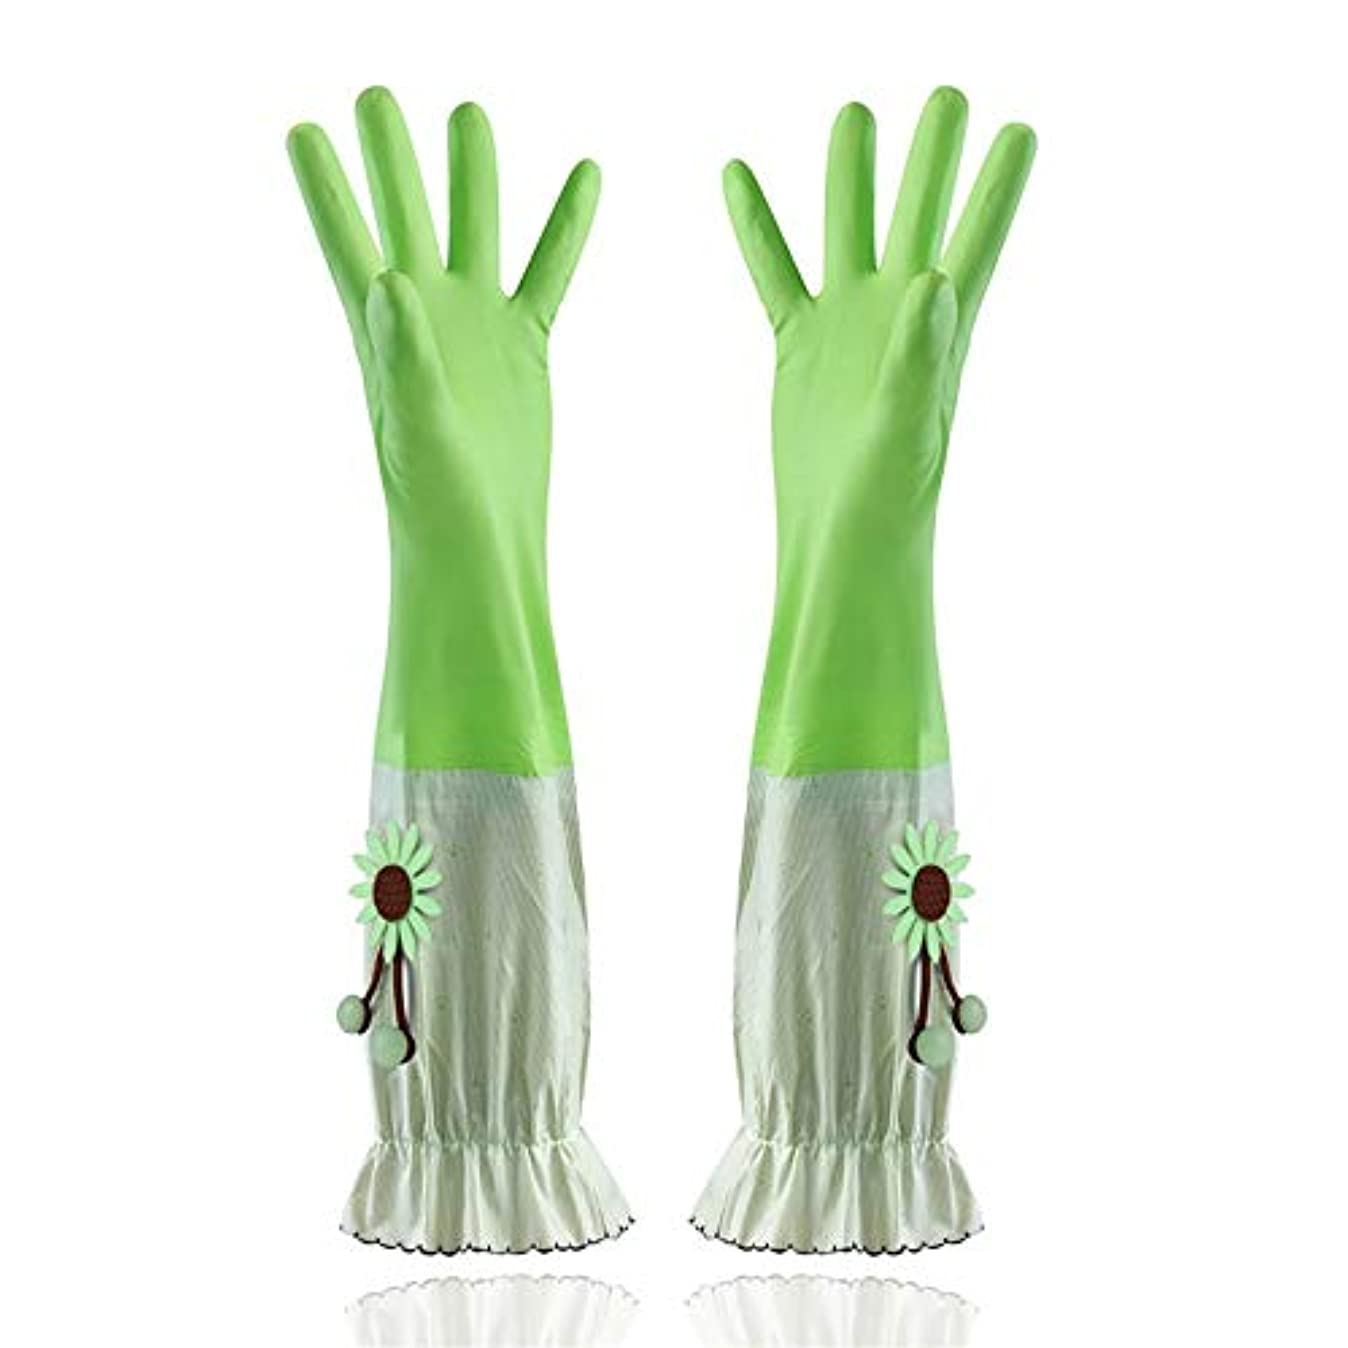 欠員後方威するニトリルゴム手袋 家庭用手袋防水性と耐久性のあるラテックス厚手PVC手袋 使い捨て手袋 (Color : Green, Size : L)